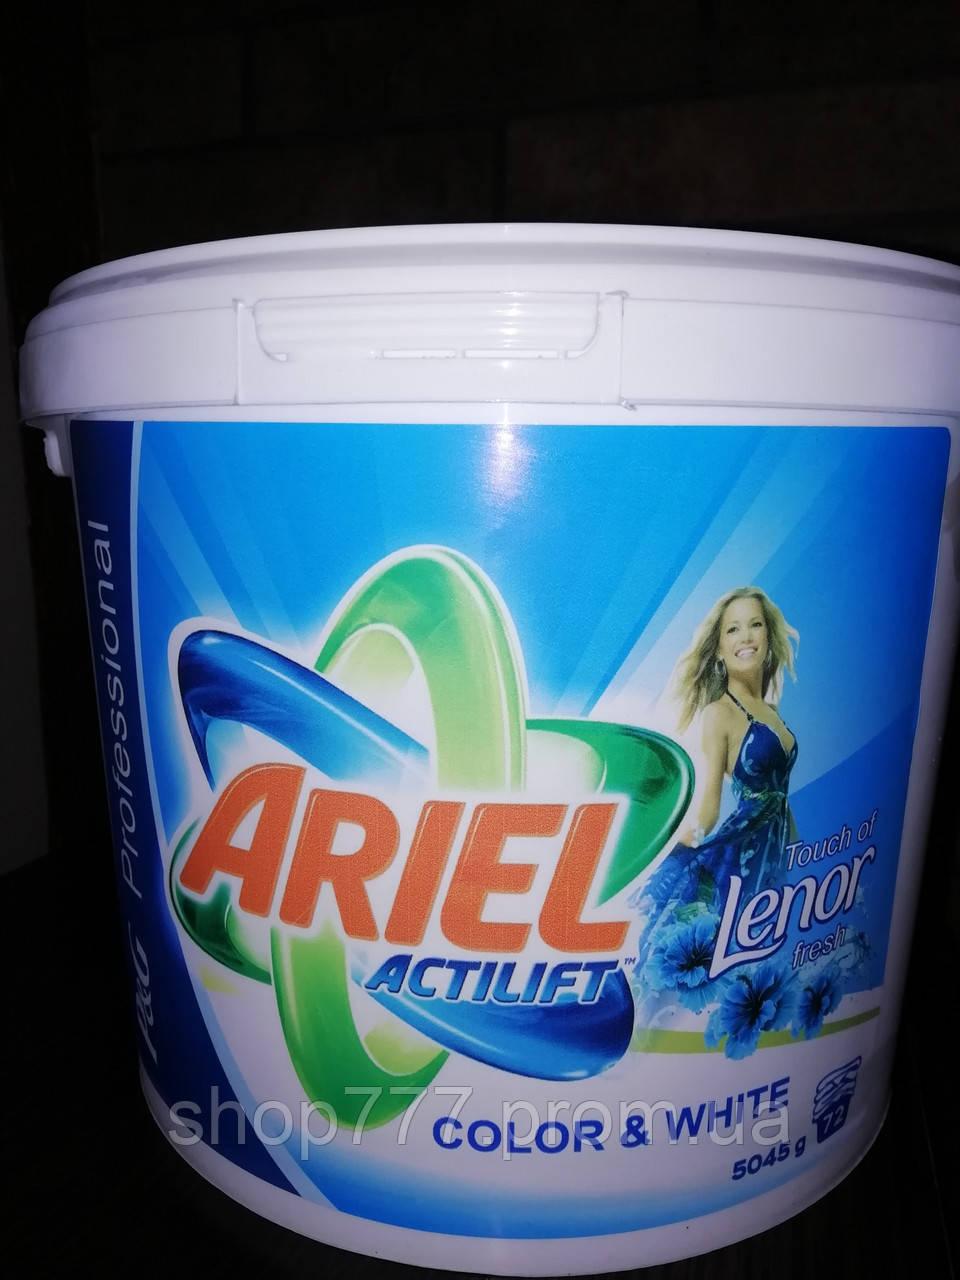 Пральний порошок Ariel Actilift Lenor Concetrate 5 kg на 95 прань універсальний,Венгрия